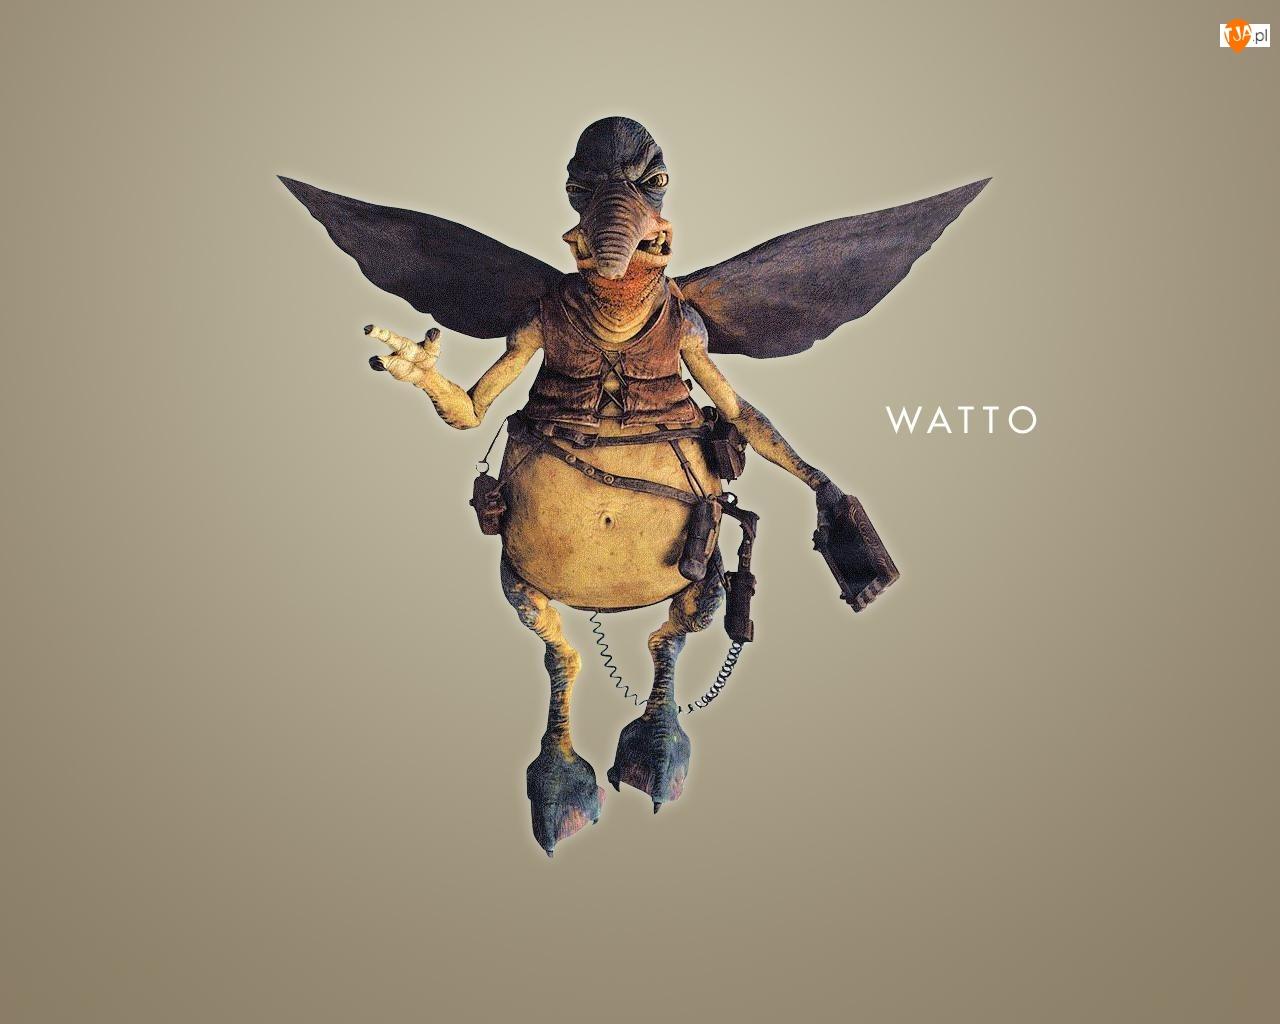 Star Wars, dziwoląg, ptak, lata